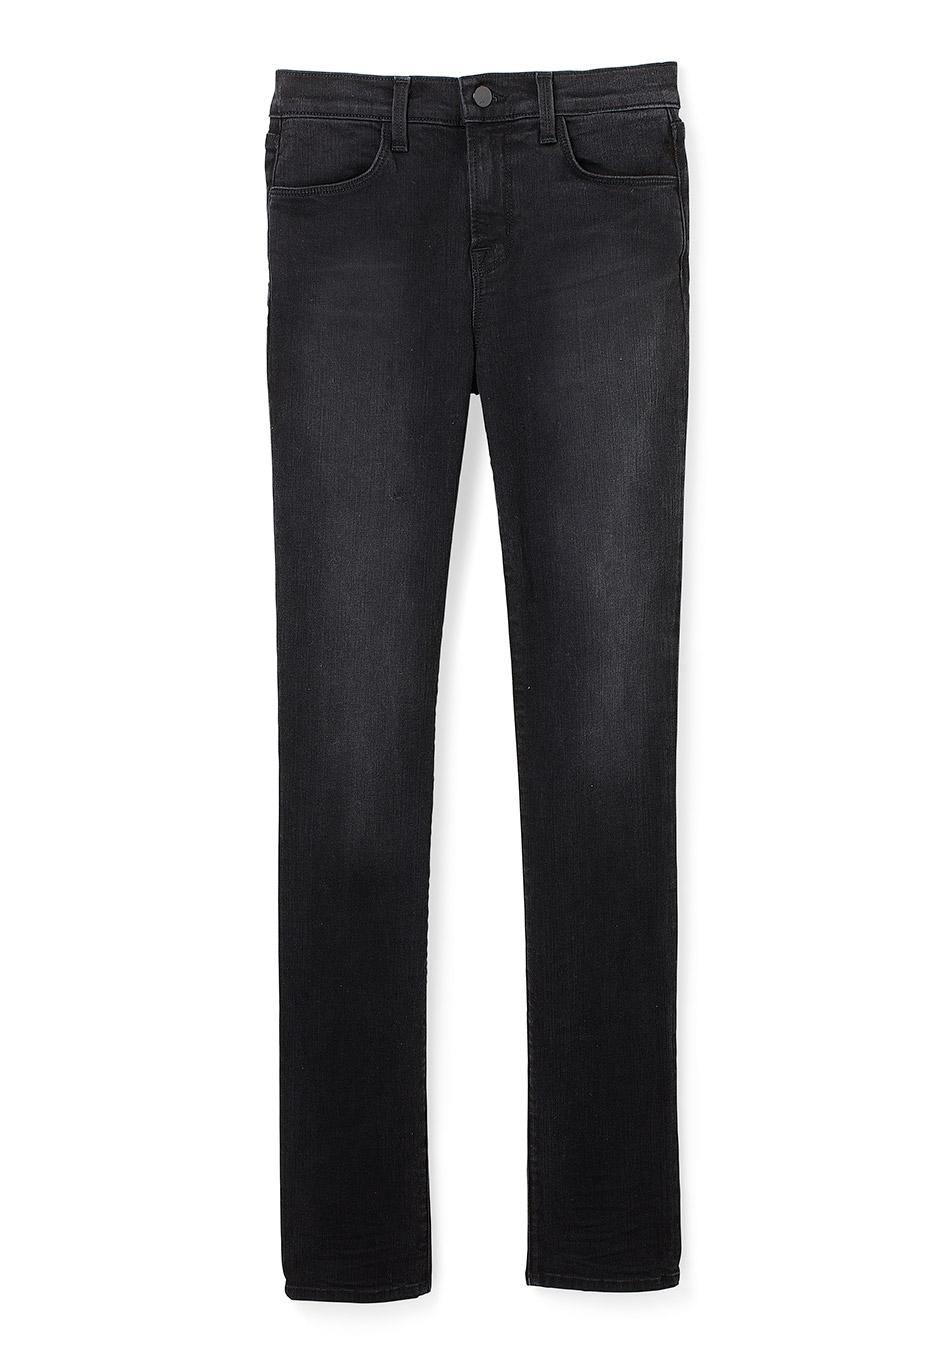 супер-утягивающие джинсы от J Brand из коллекции Photo Ready